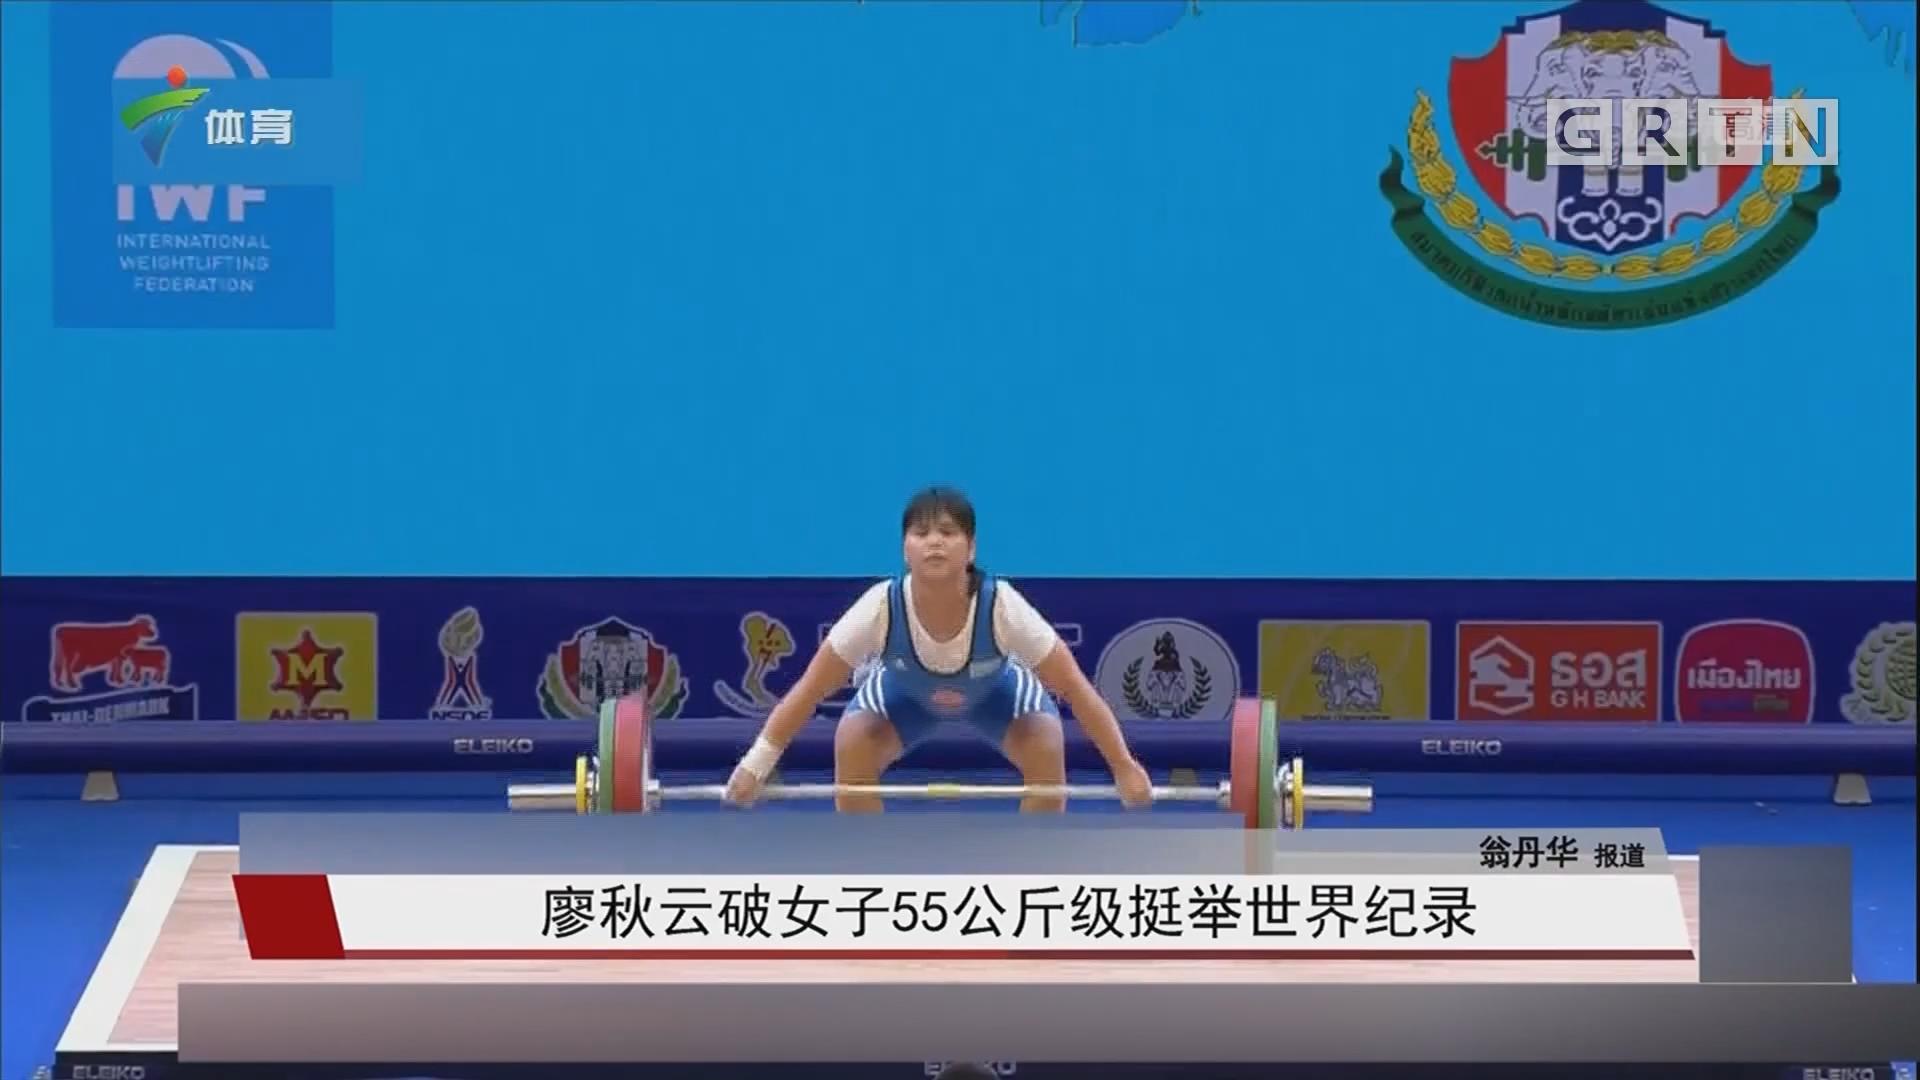 廖秋云破女子55公斤级挺举世界纪录